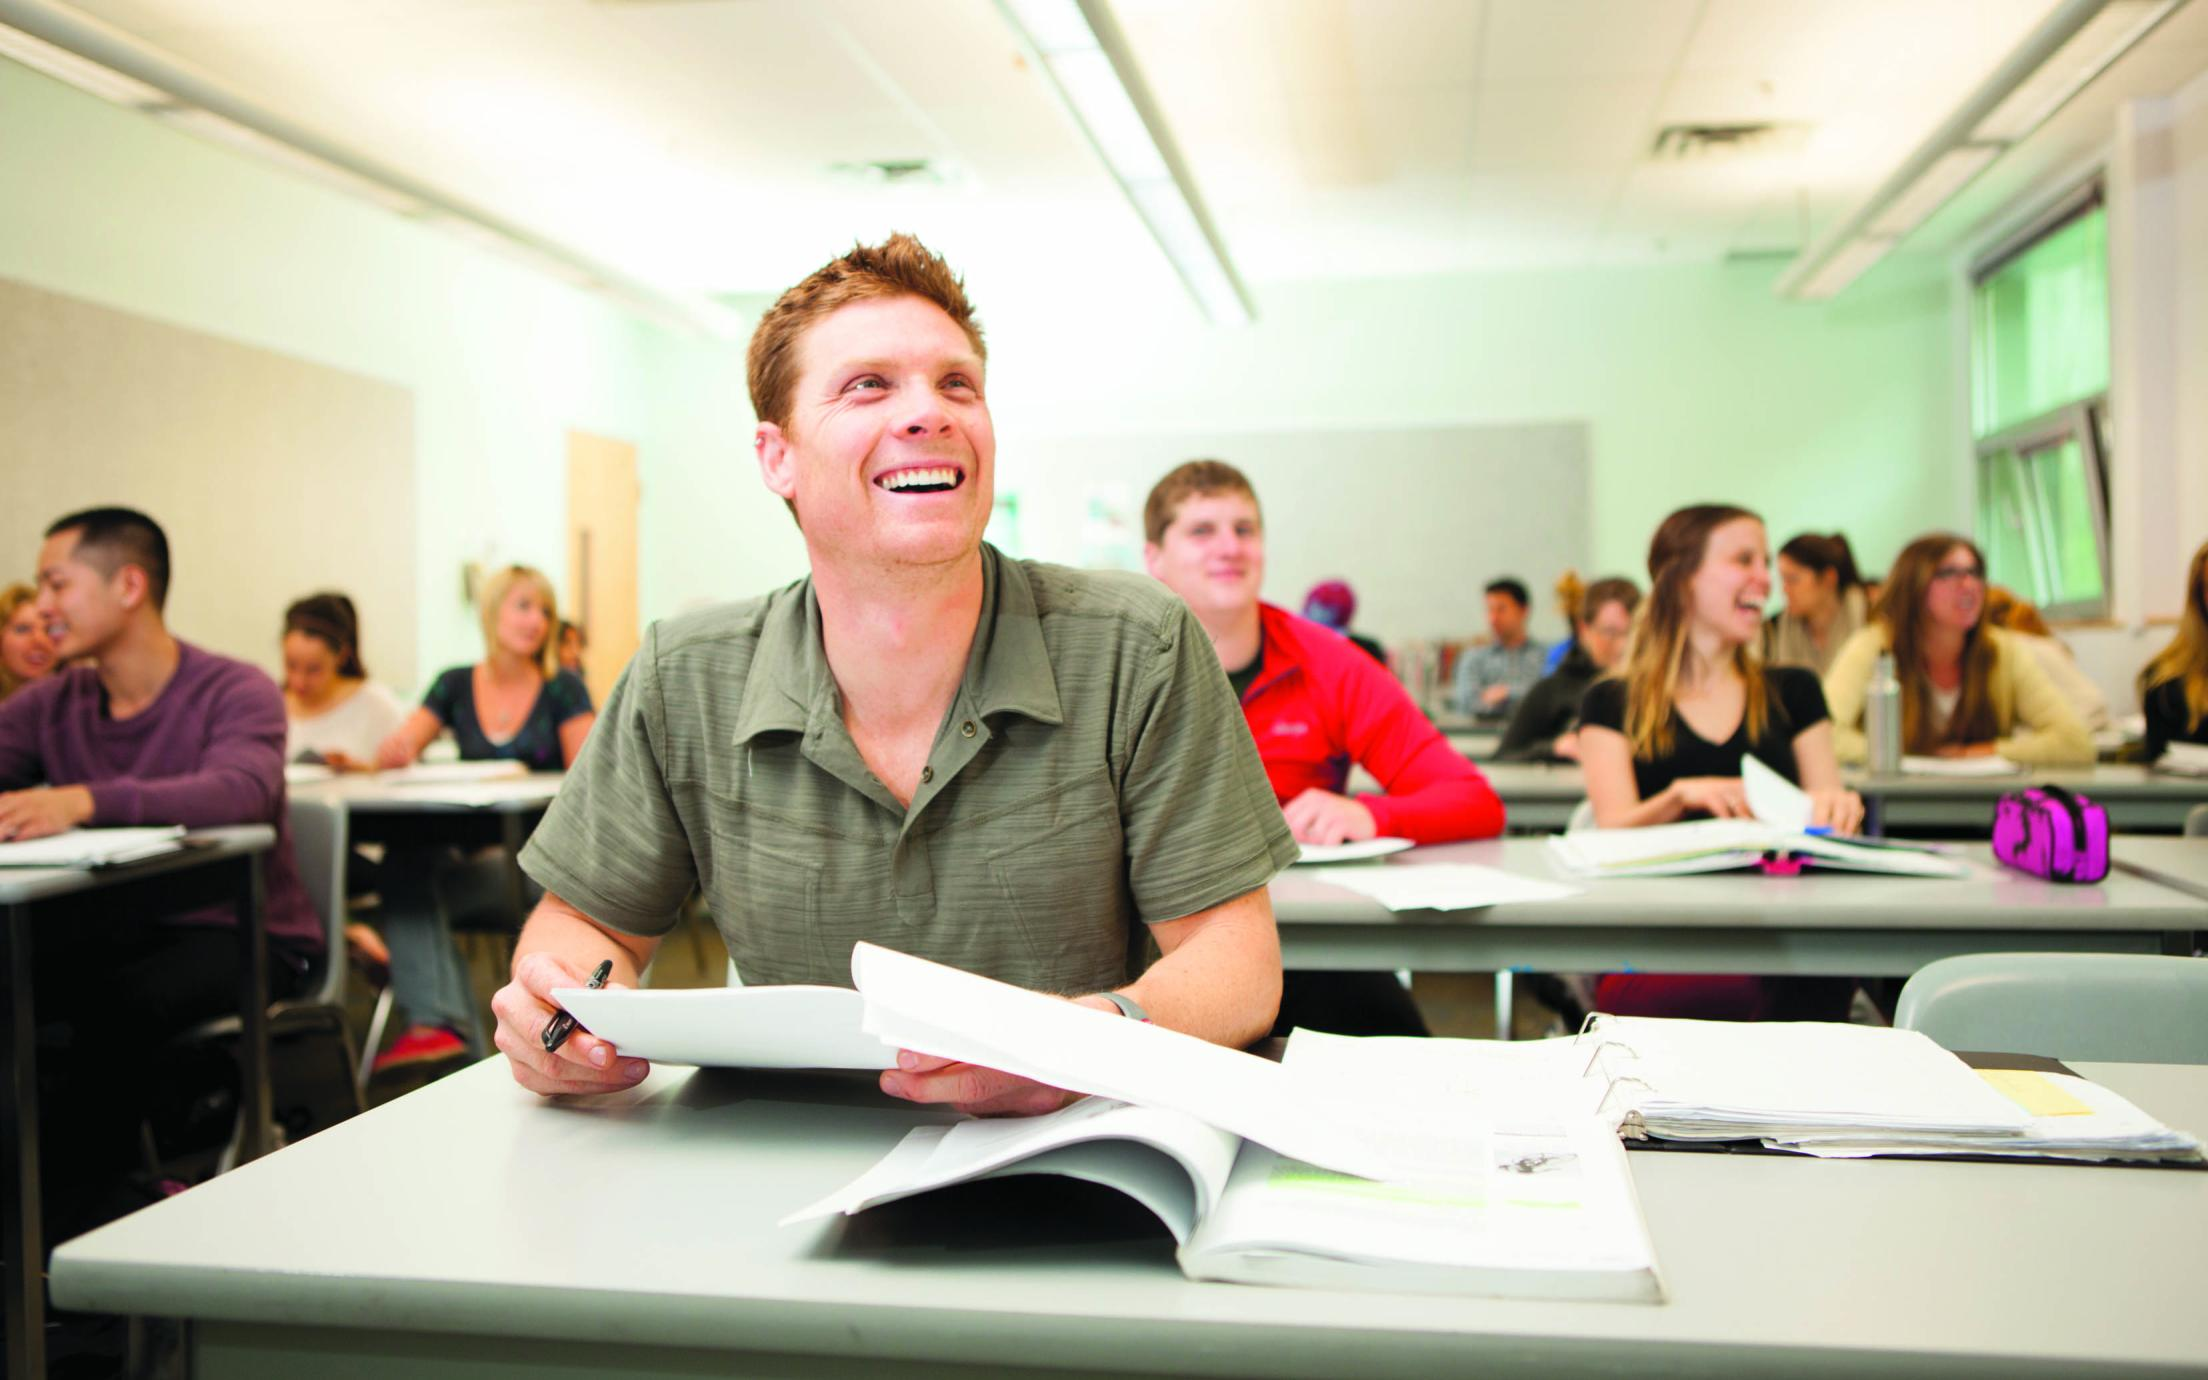 A sneak peak of a Graduate Certificate in Business Studies class